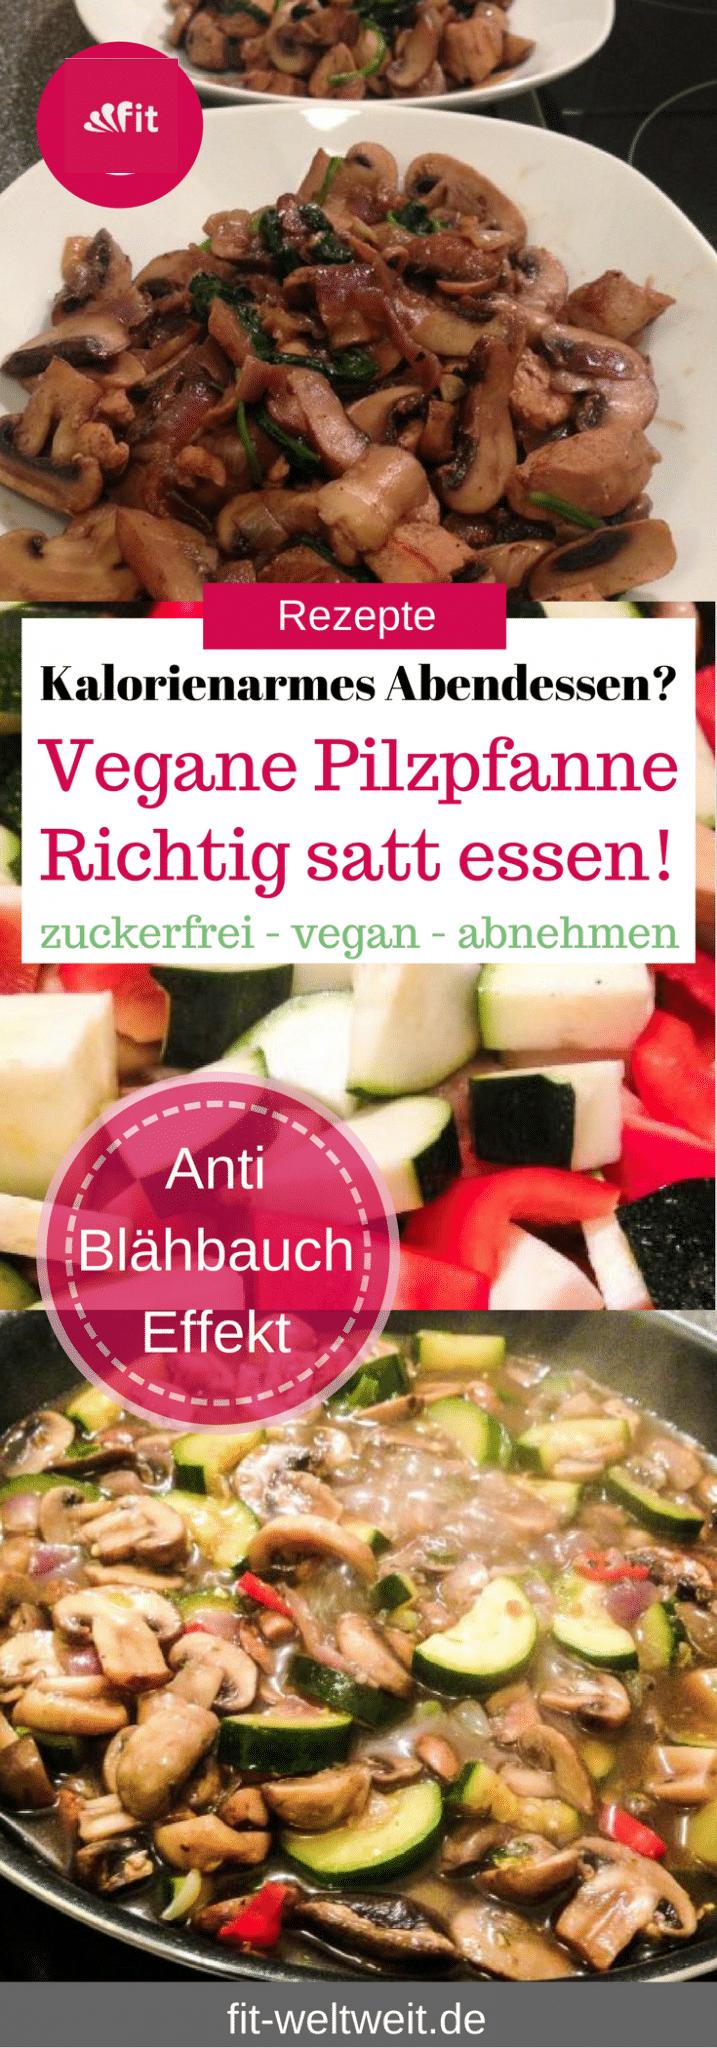 Vegane Pilzpfanne: Vegane, kalorienarme Pilzpfanne mit Zucchini, Paprika und Zwiebeln. Veganes und kalorienarmes Abendessen? Diät geeignet, zum Abnehmen, zuckerfrei und super lecker. So viel essen, wie du magst auch während der Diät #vegan #lowcarb #Diät #abenehmen #Rezepte #Stoffwechselkur